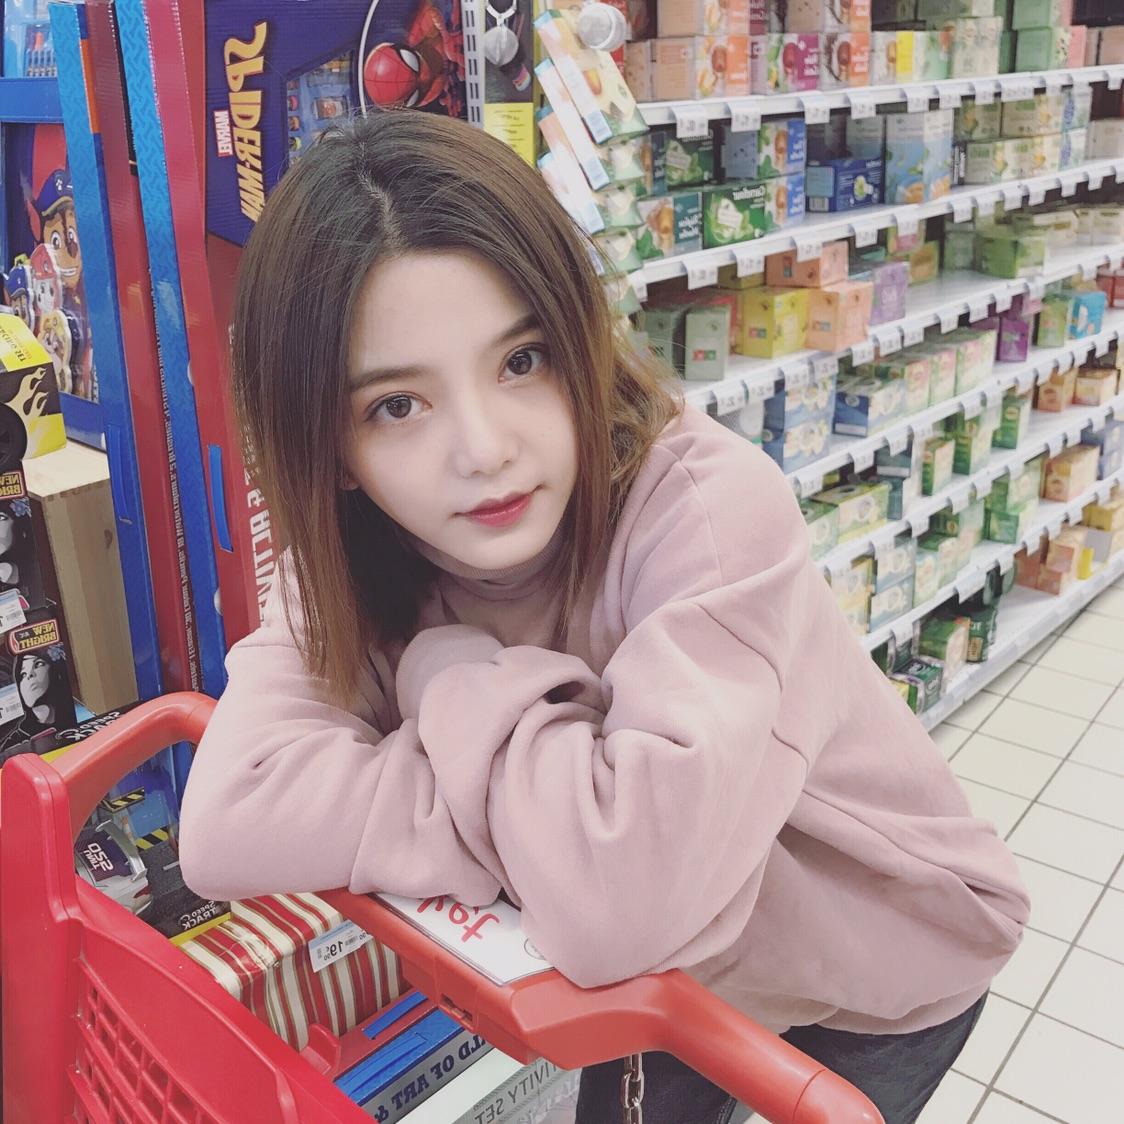 嘿👋🏿有个超市想和你逛逛